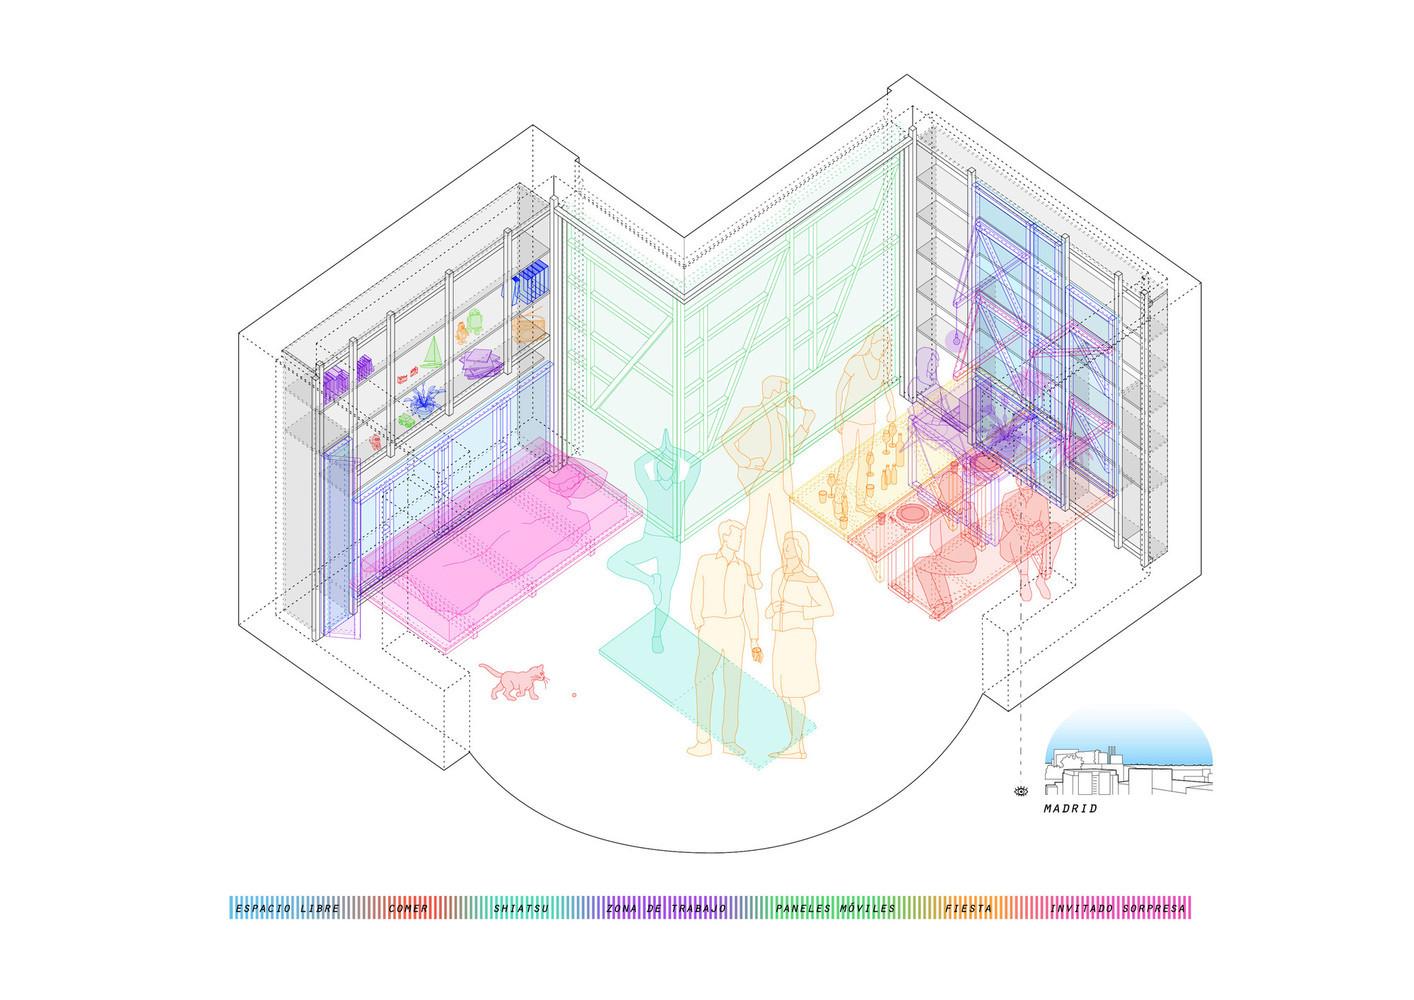 هماهنگی فضا با نوع کاربری در معماری داخلی